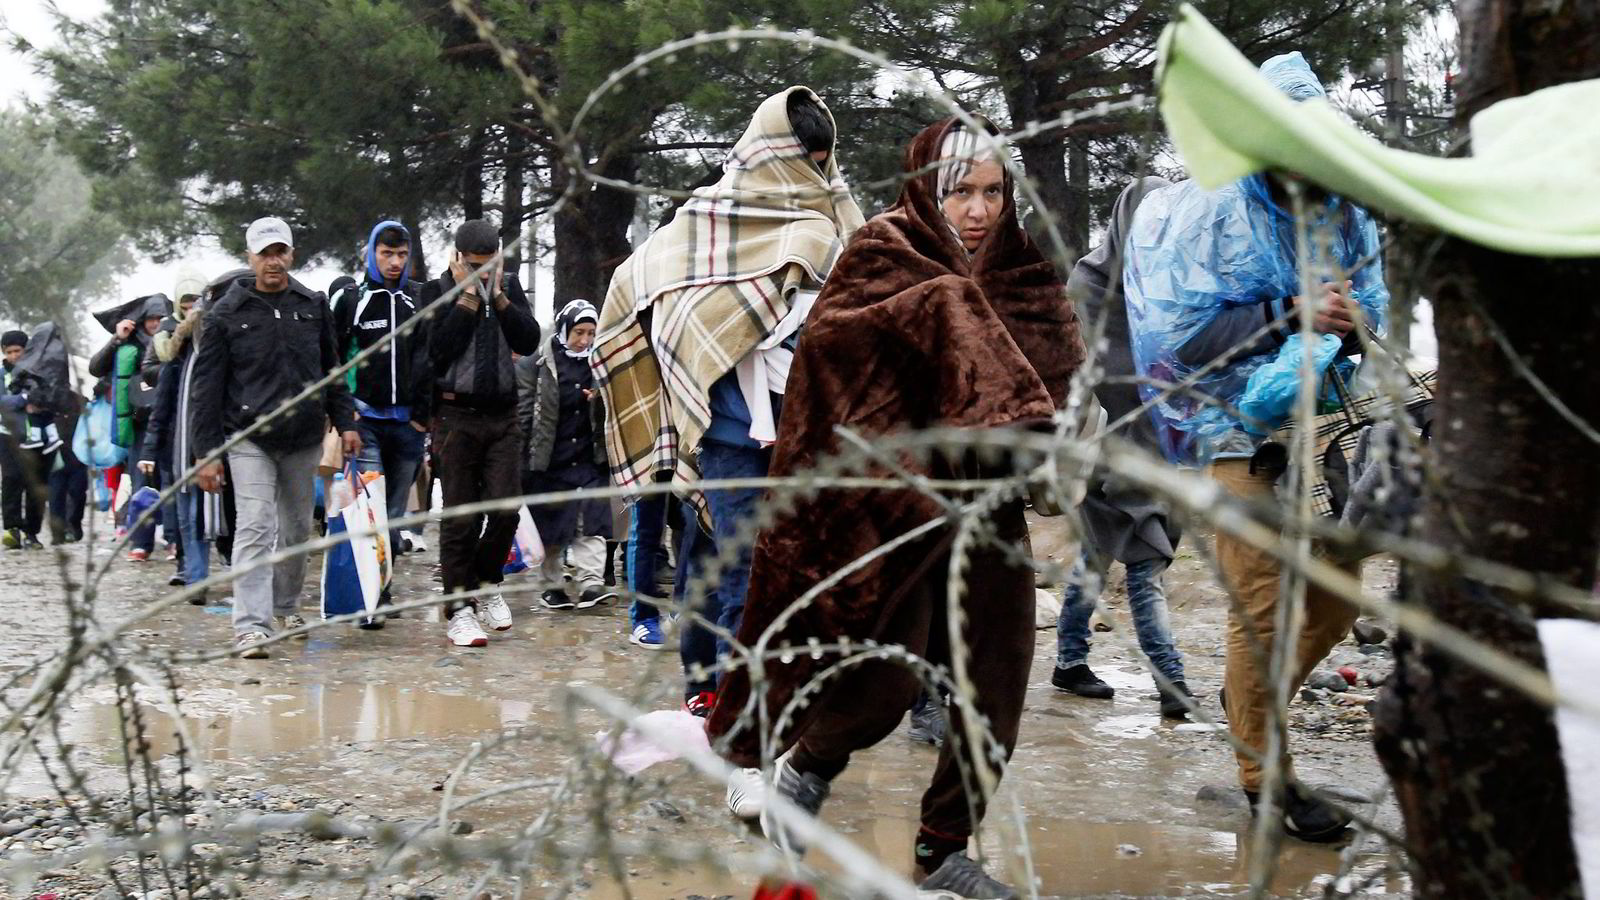 Europakommisjonen frykter at den kommende vinteren kan gi stygge scener med flyktninger i nød. Her krysser flyktninger grensen mellom Hellas og Makedonia. Foto: Boris Grdanoski, AP/NTB Scanpix